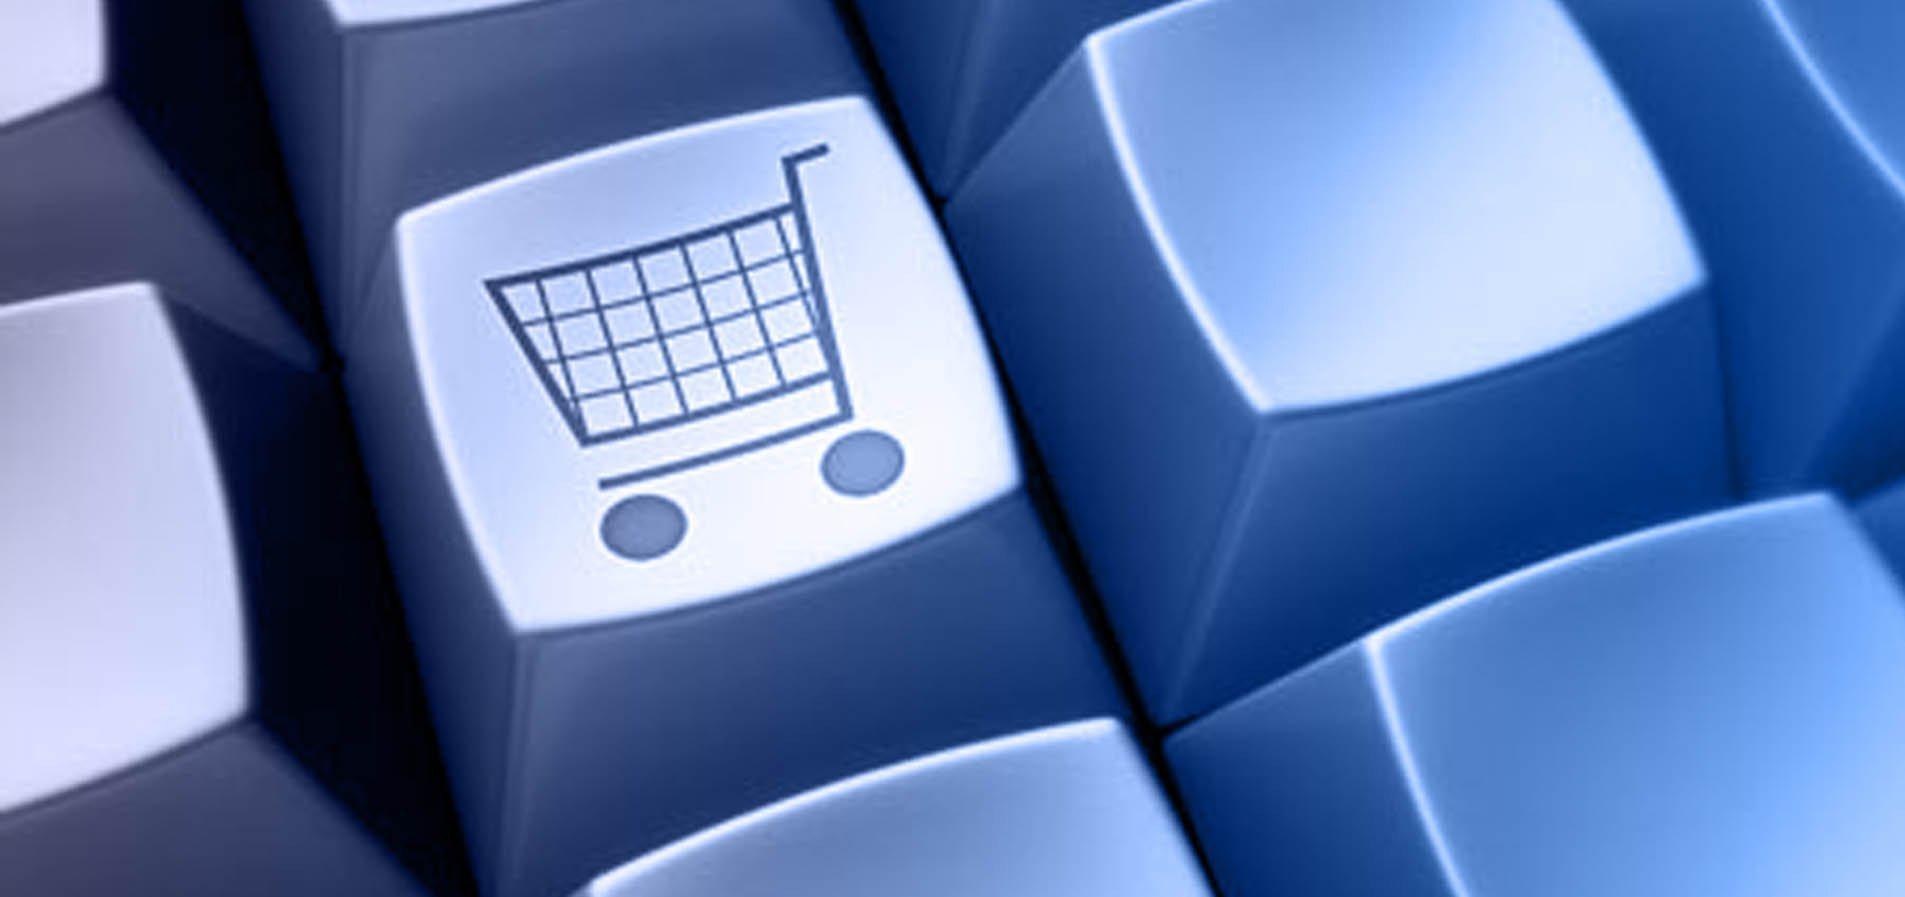 seo-e-commerce-consigli-aumento-vendite